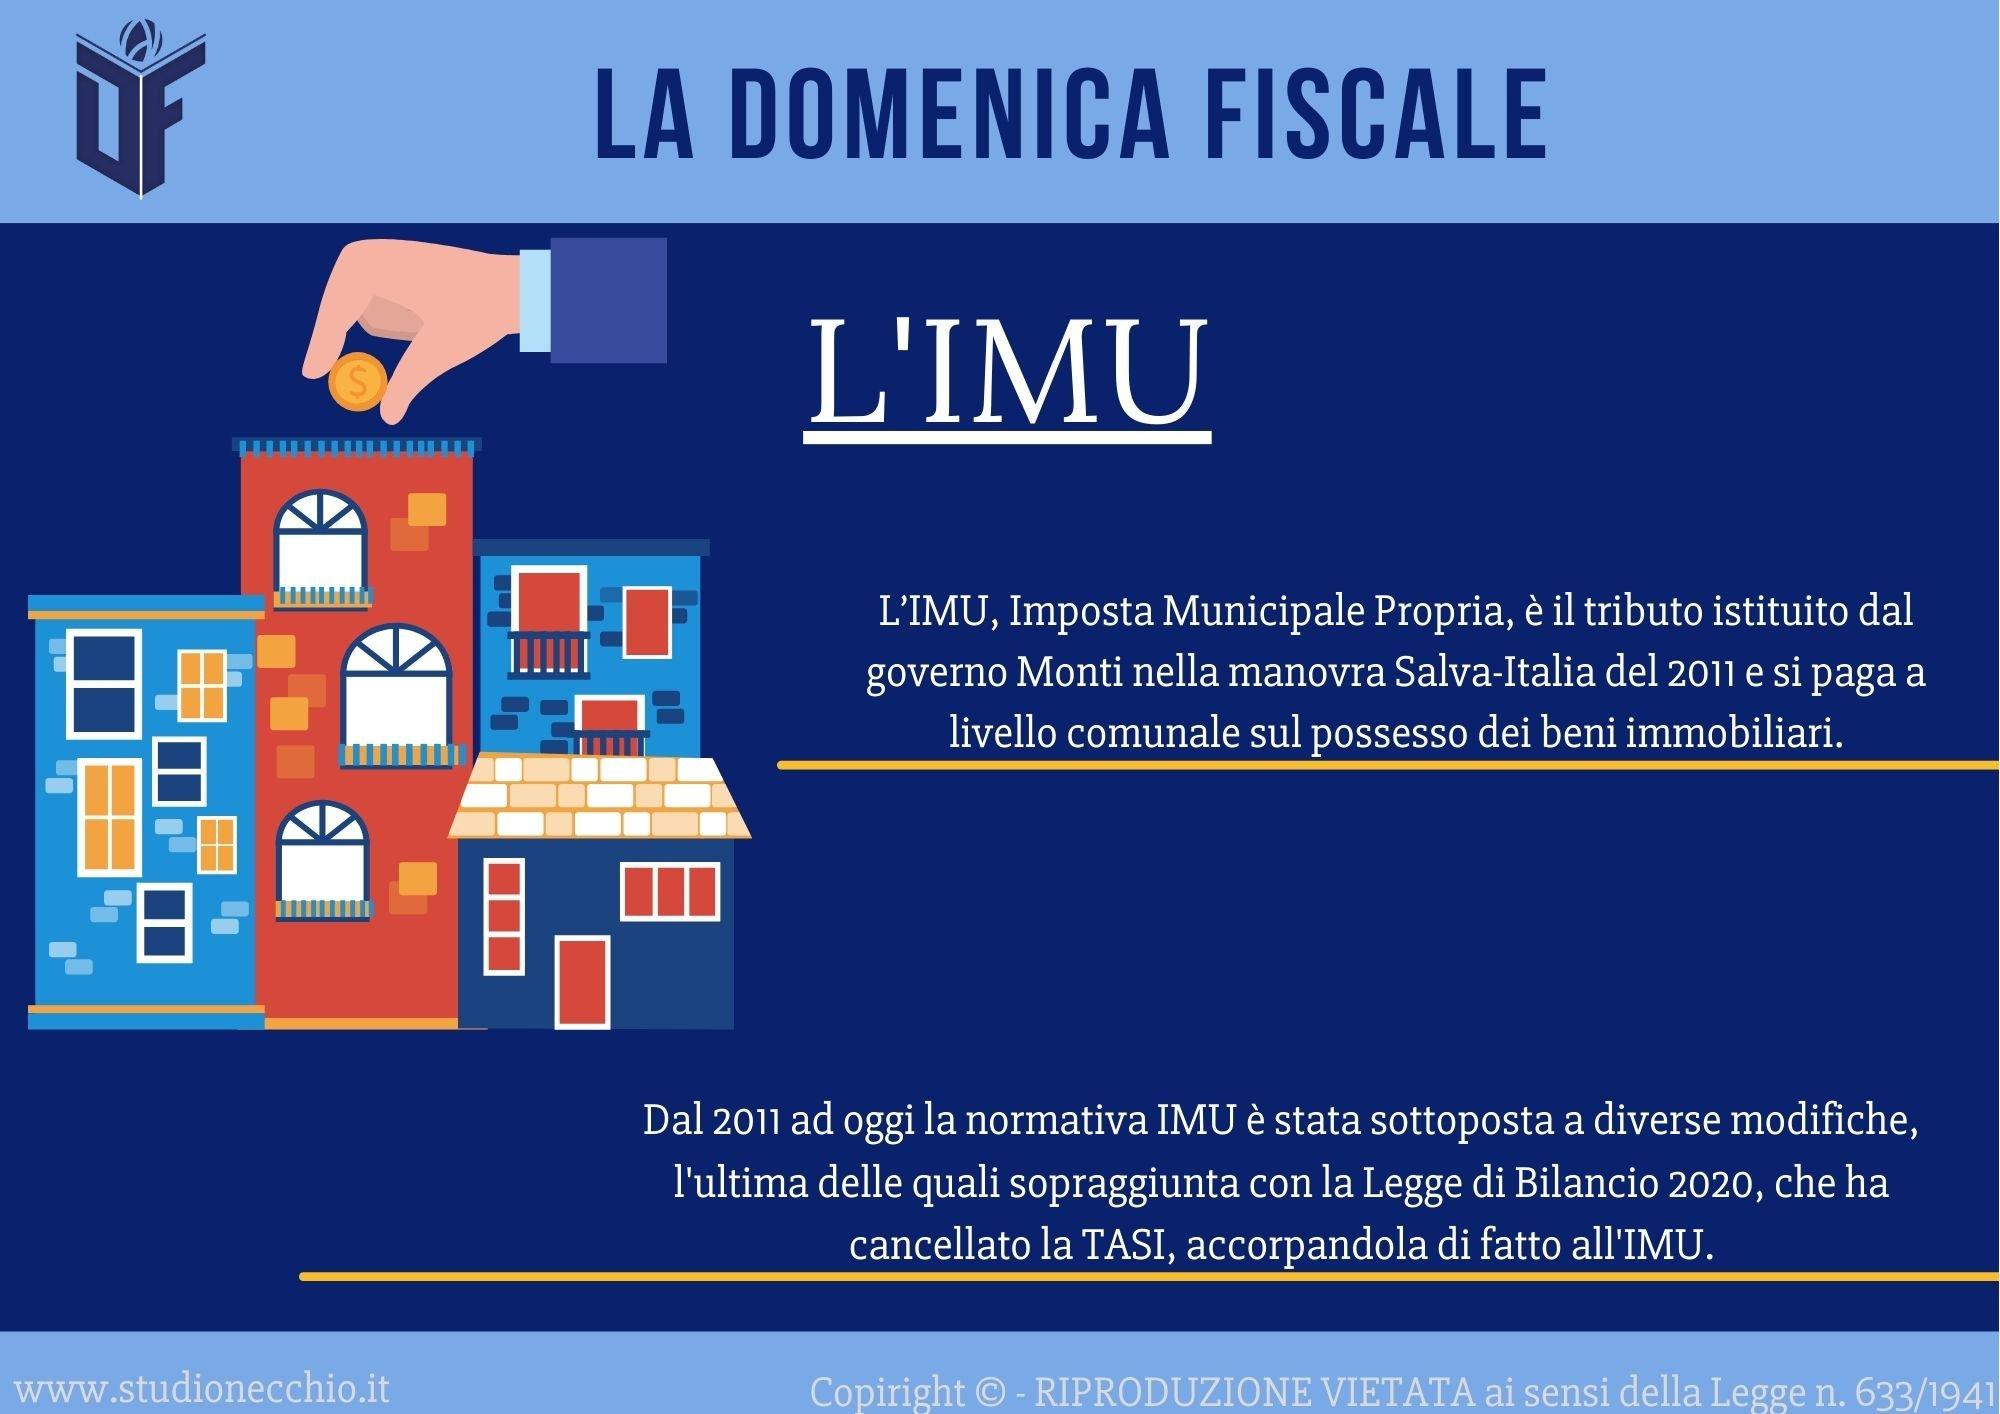 La Domenica Fiscale – L'IMU